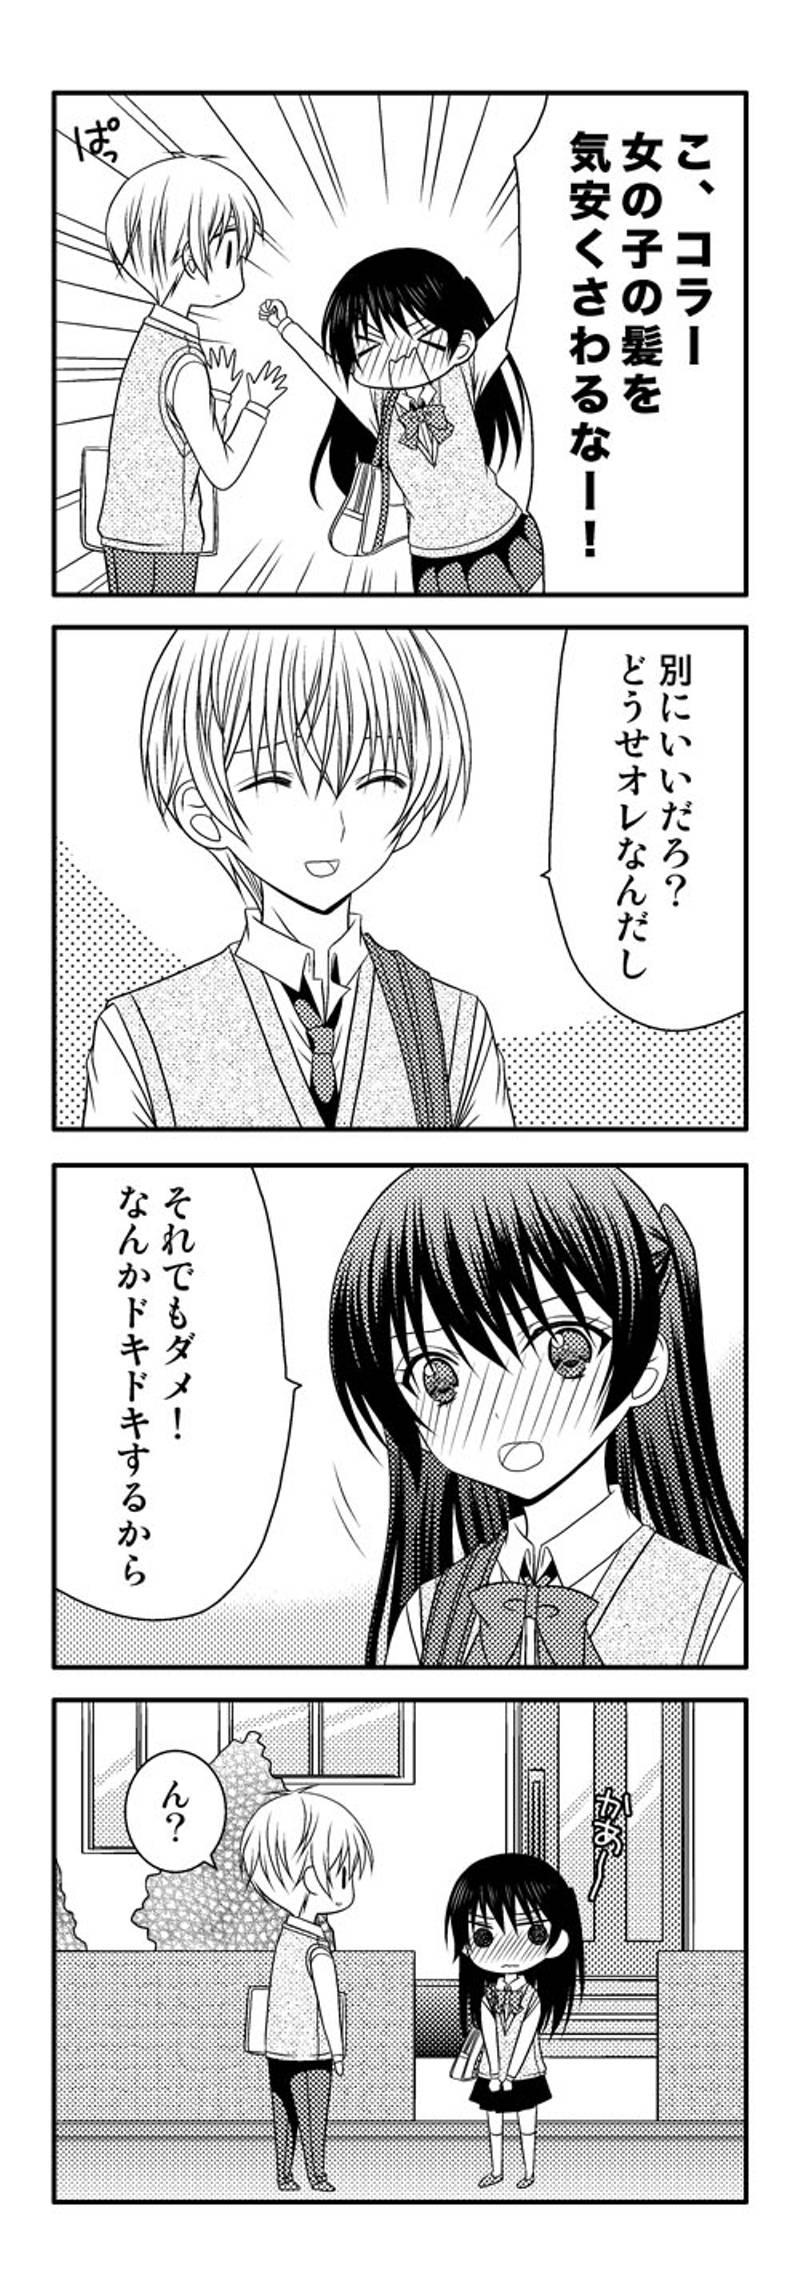 まひるれいんぼー 第10話